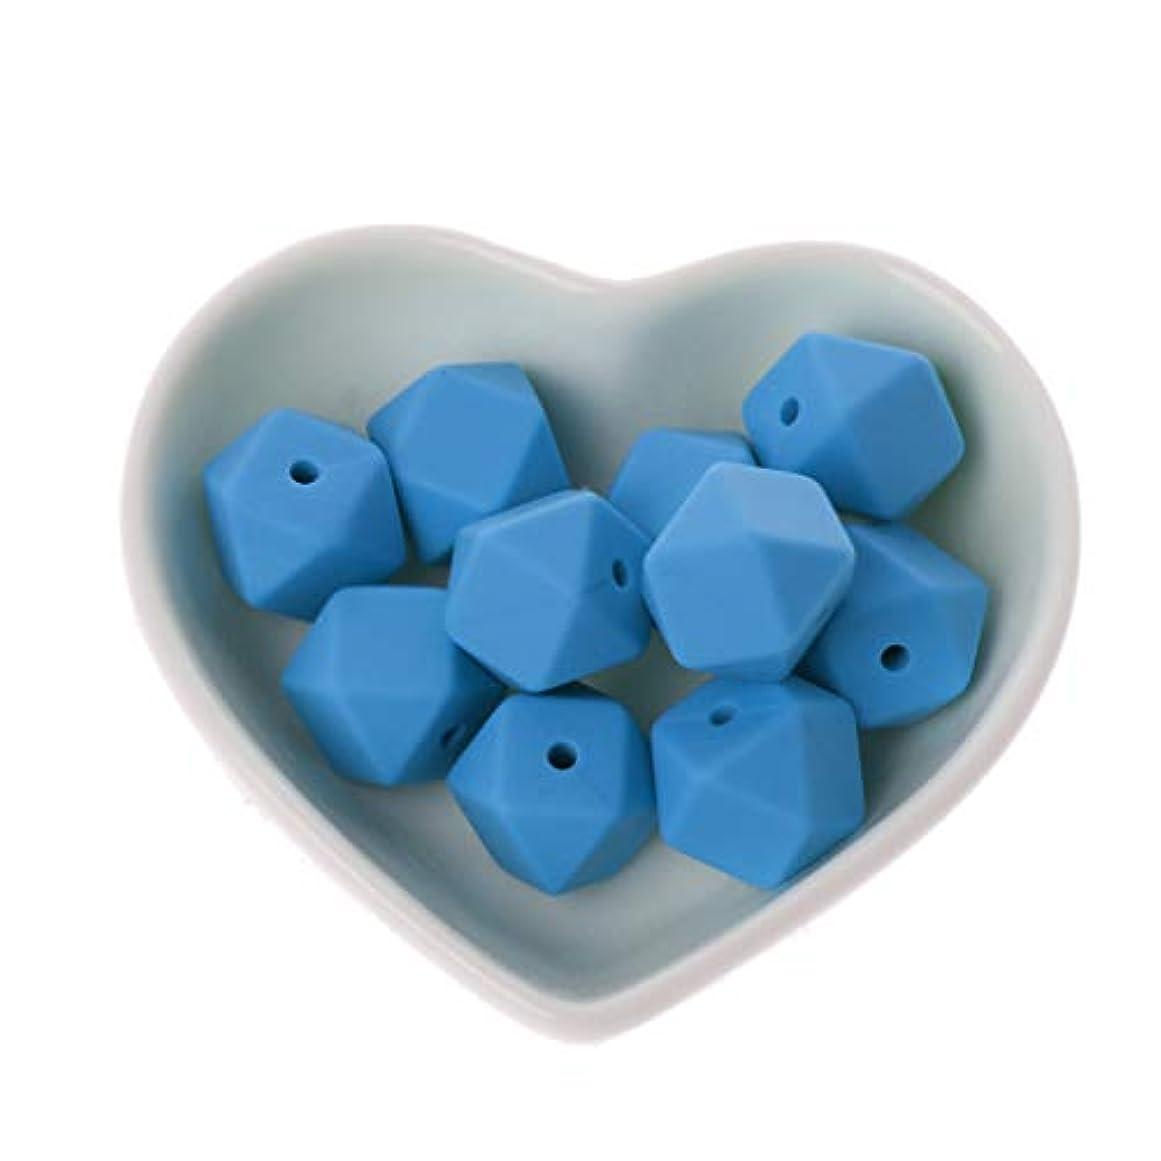 なので有毒なご予約Landdum 10個シリコーンビーズ14ミリメートル多角形シリコーンビーズ赤ちゃんのおもちゃdiyおしゃぶりチェーンアクセサリー - ベイビーブルー